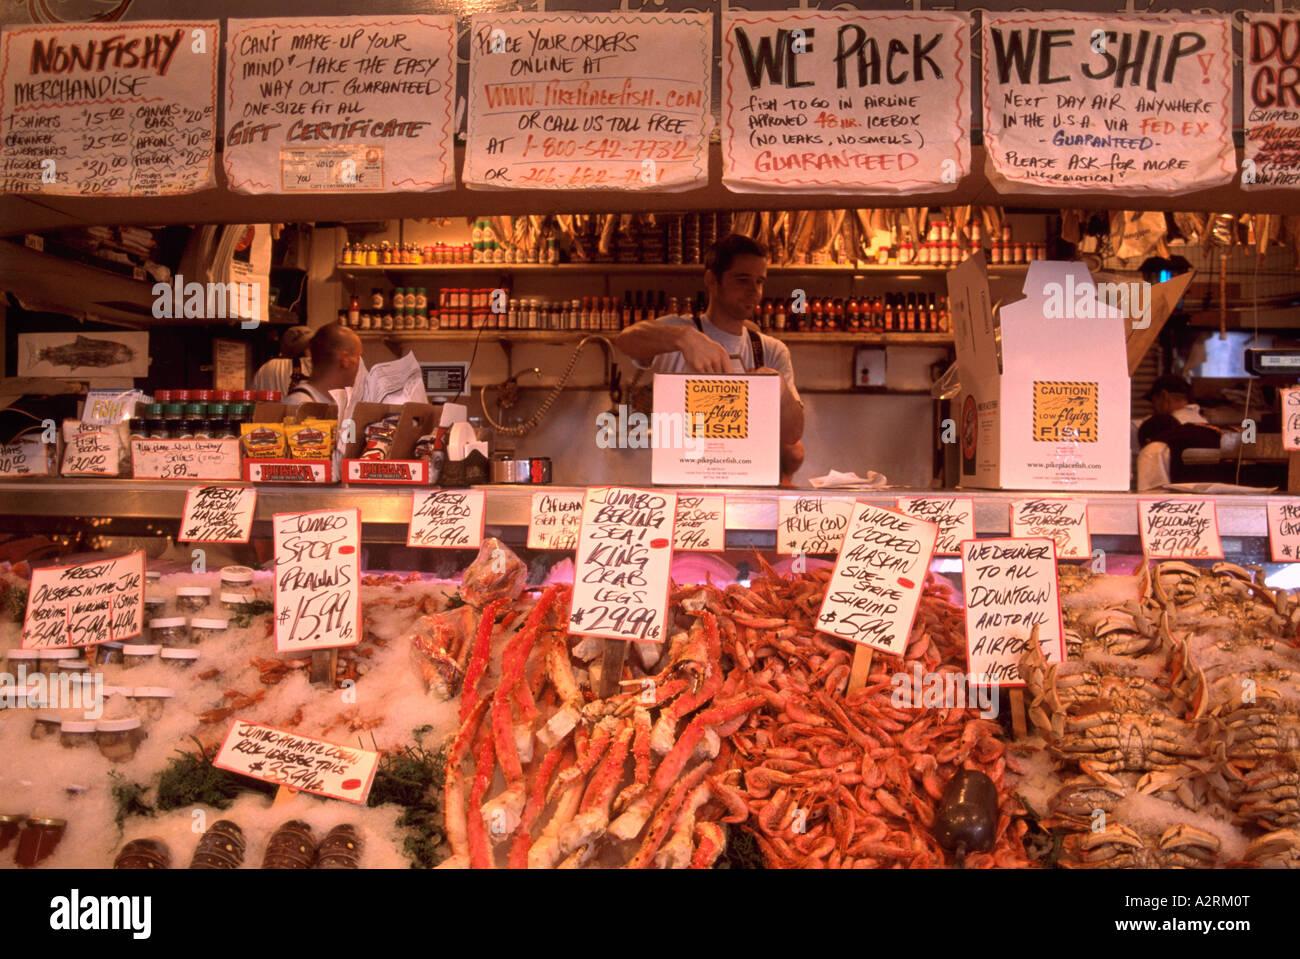 Pike place market seattle washington state usa fresh for Fish market seattle washington